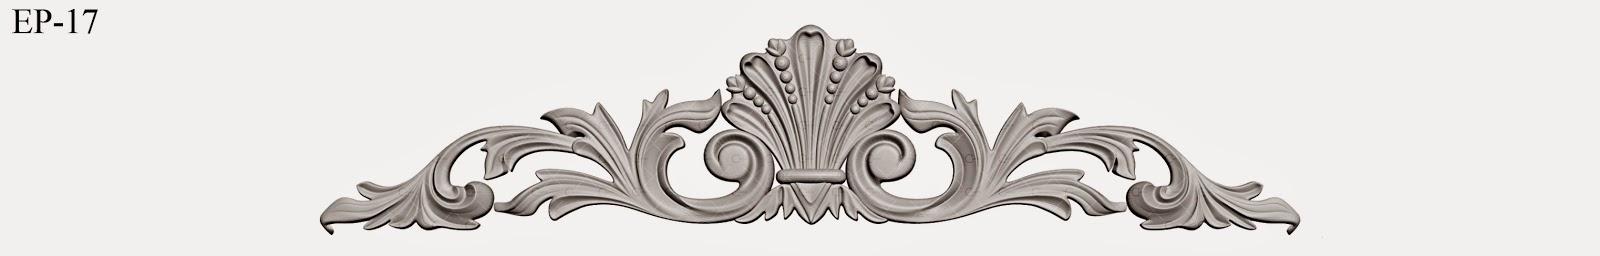 elemente decorative din polistiren, producator profile polistiren pentru fatade case